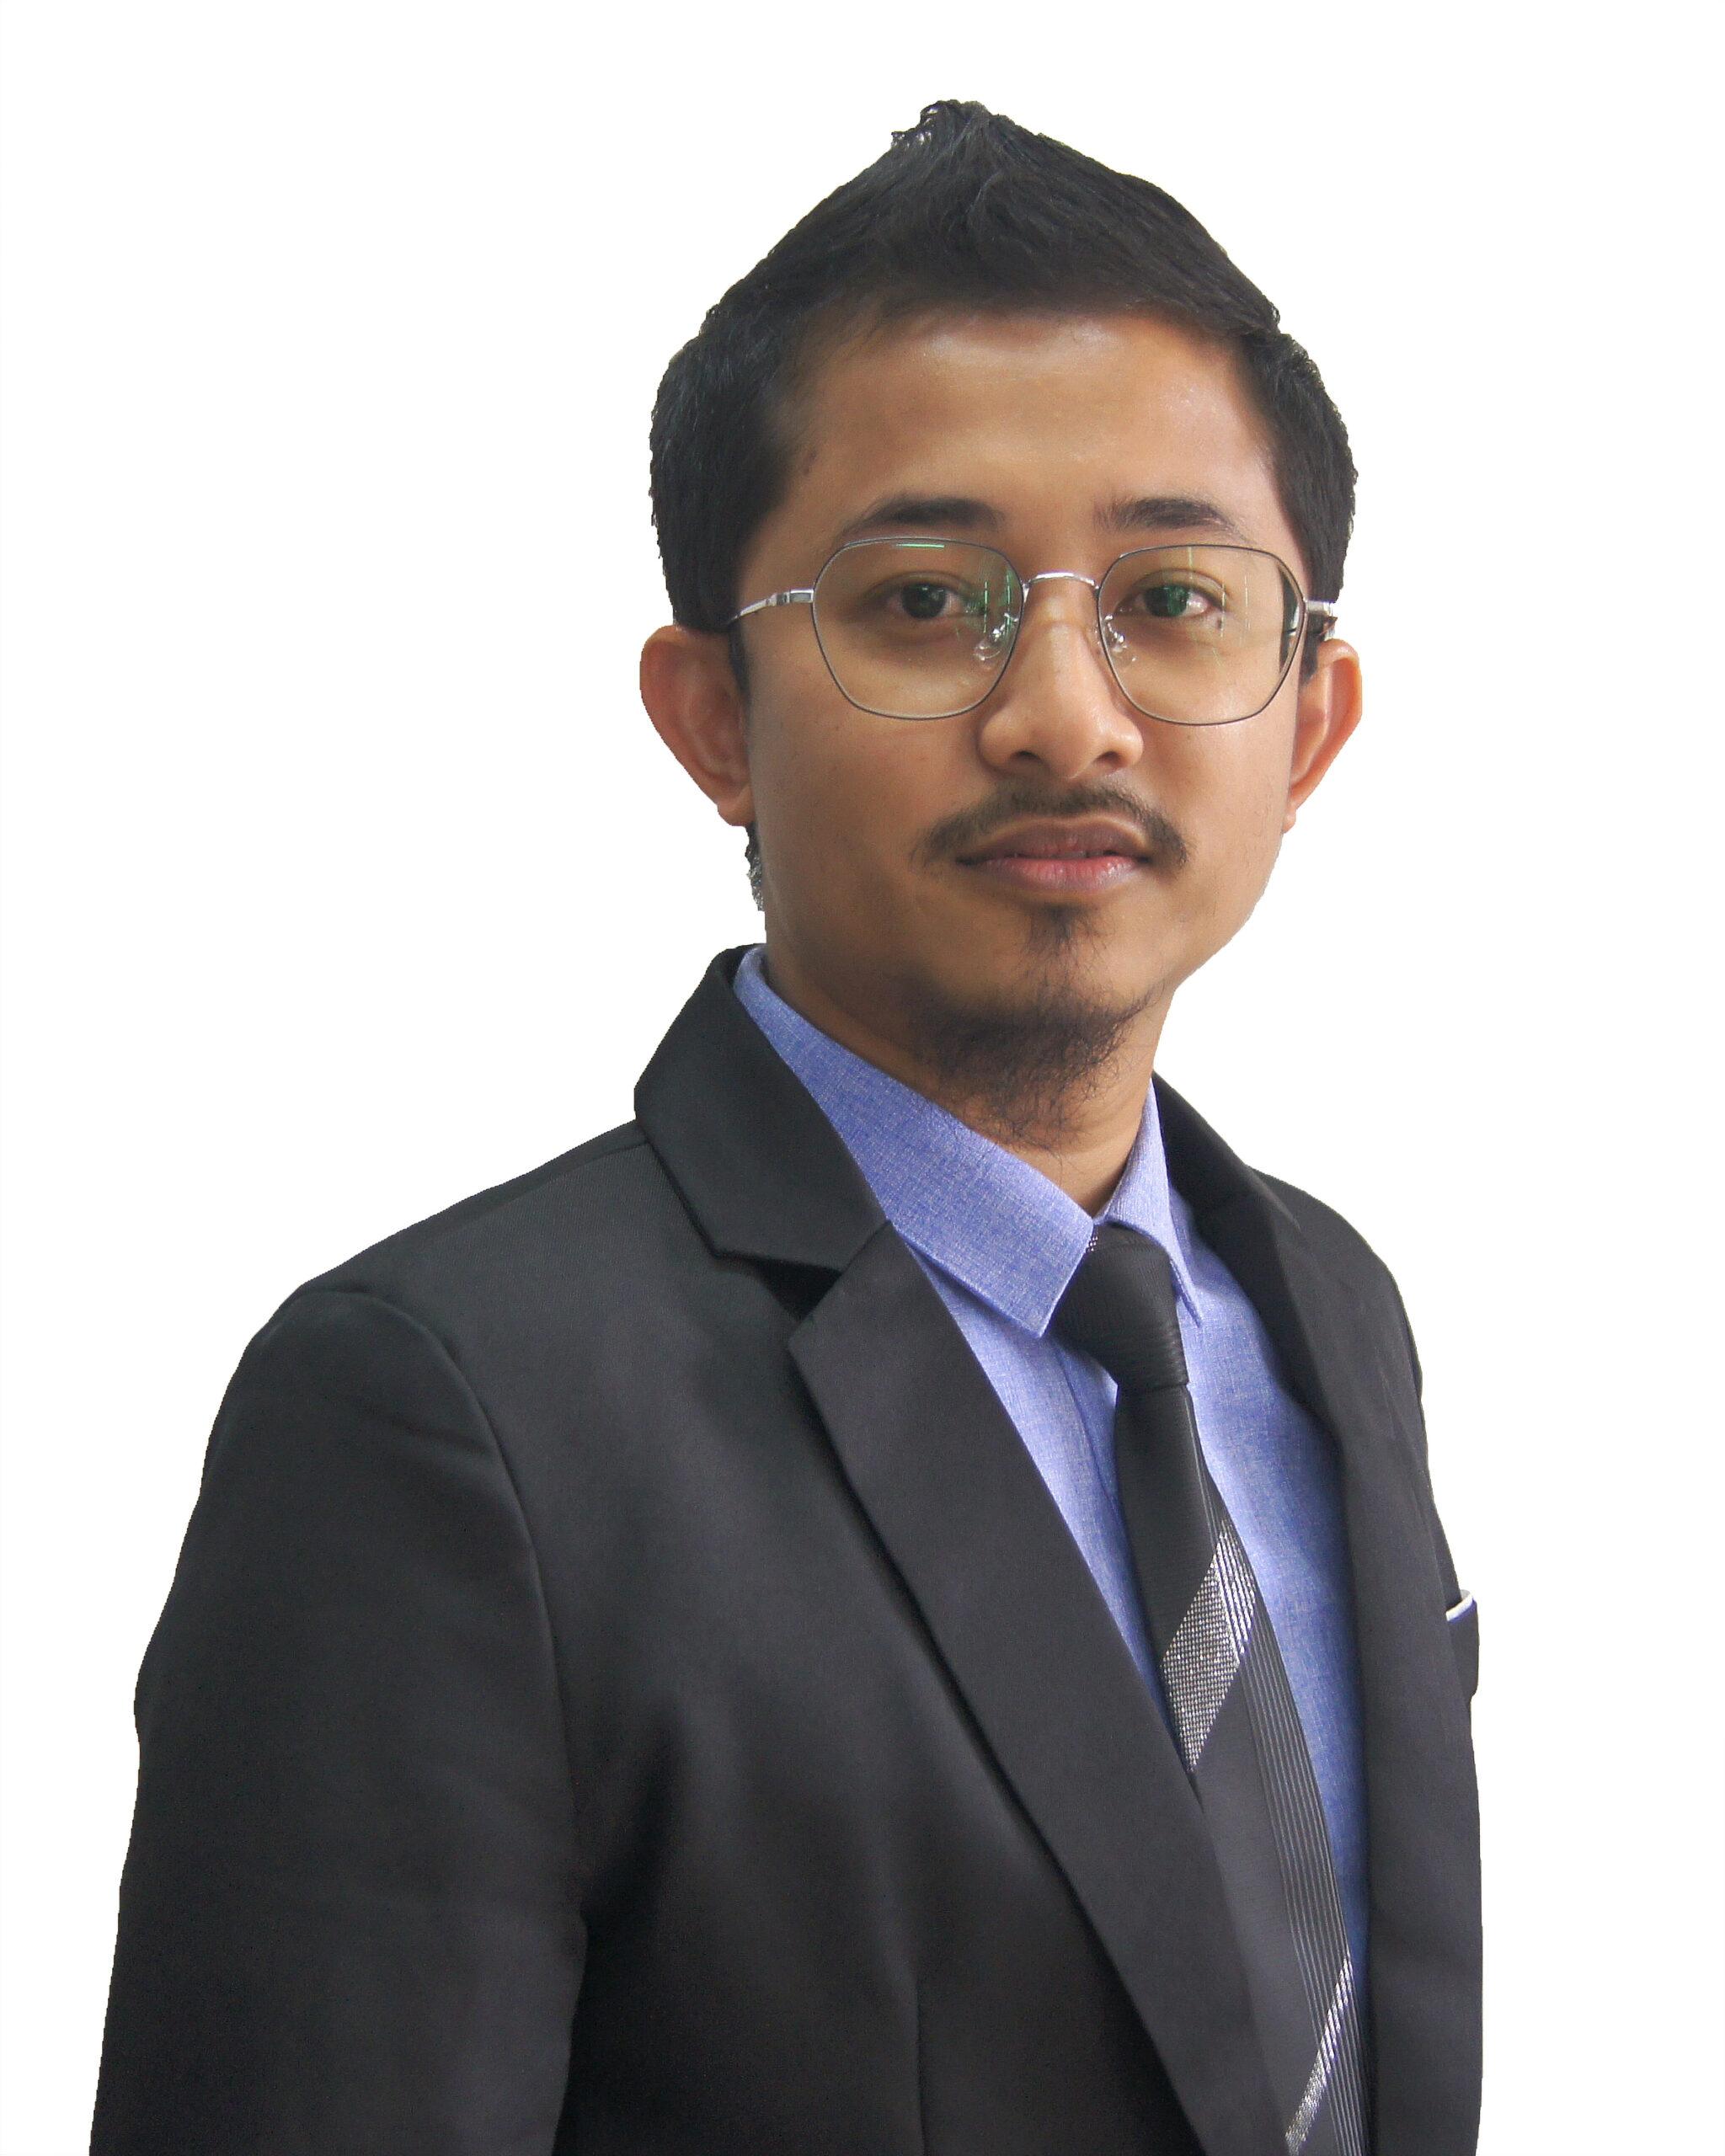 Qamaruzaman Bin Mohd Noor